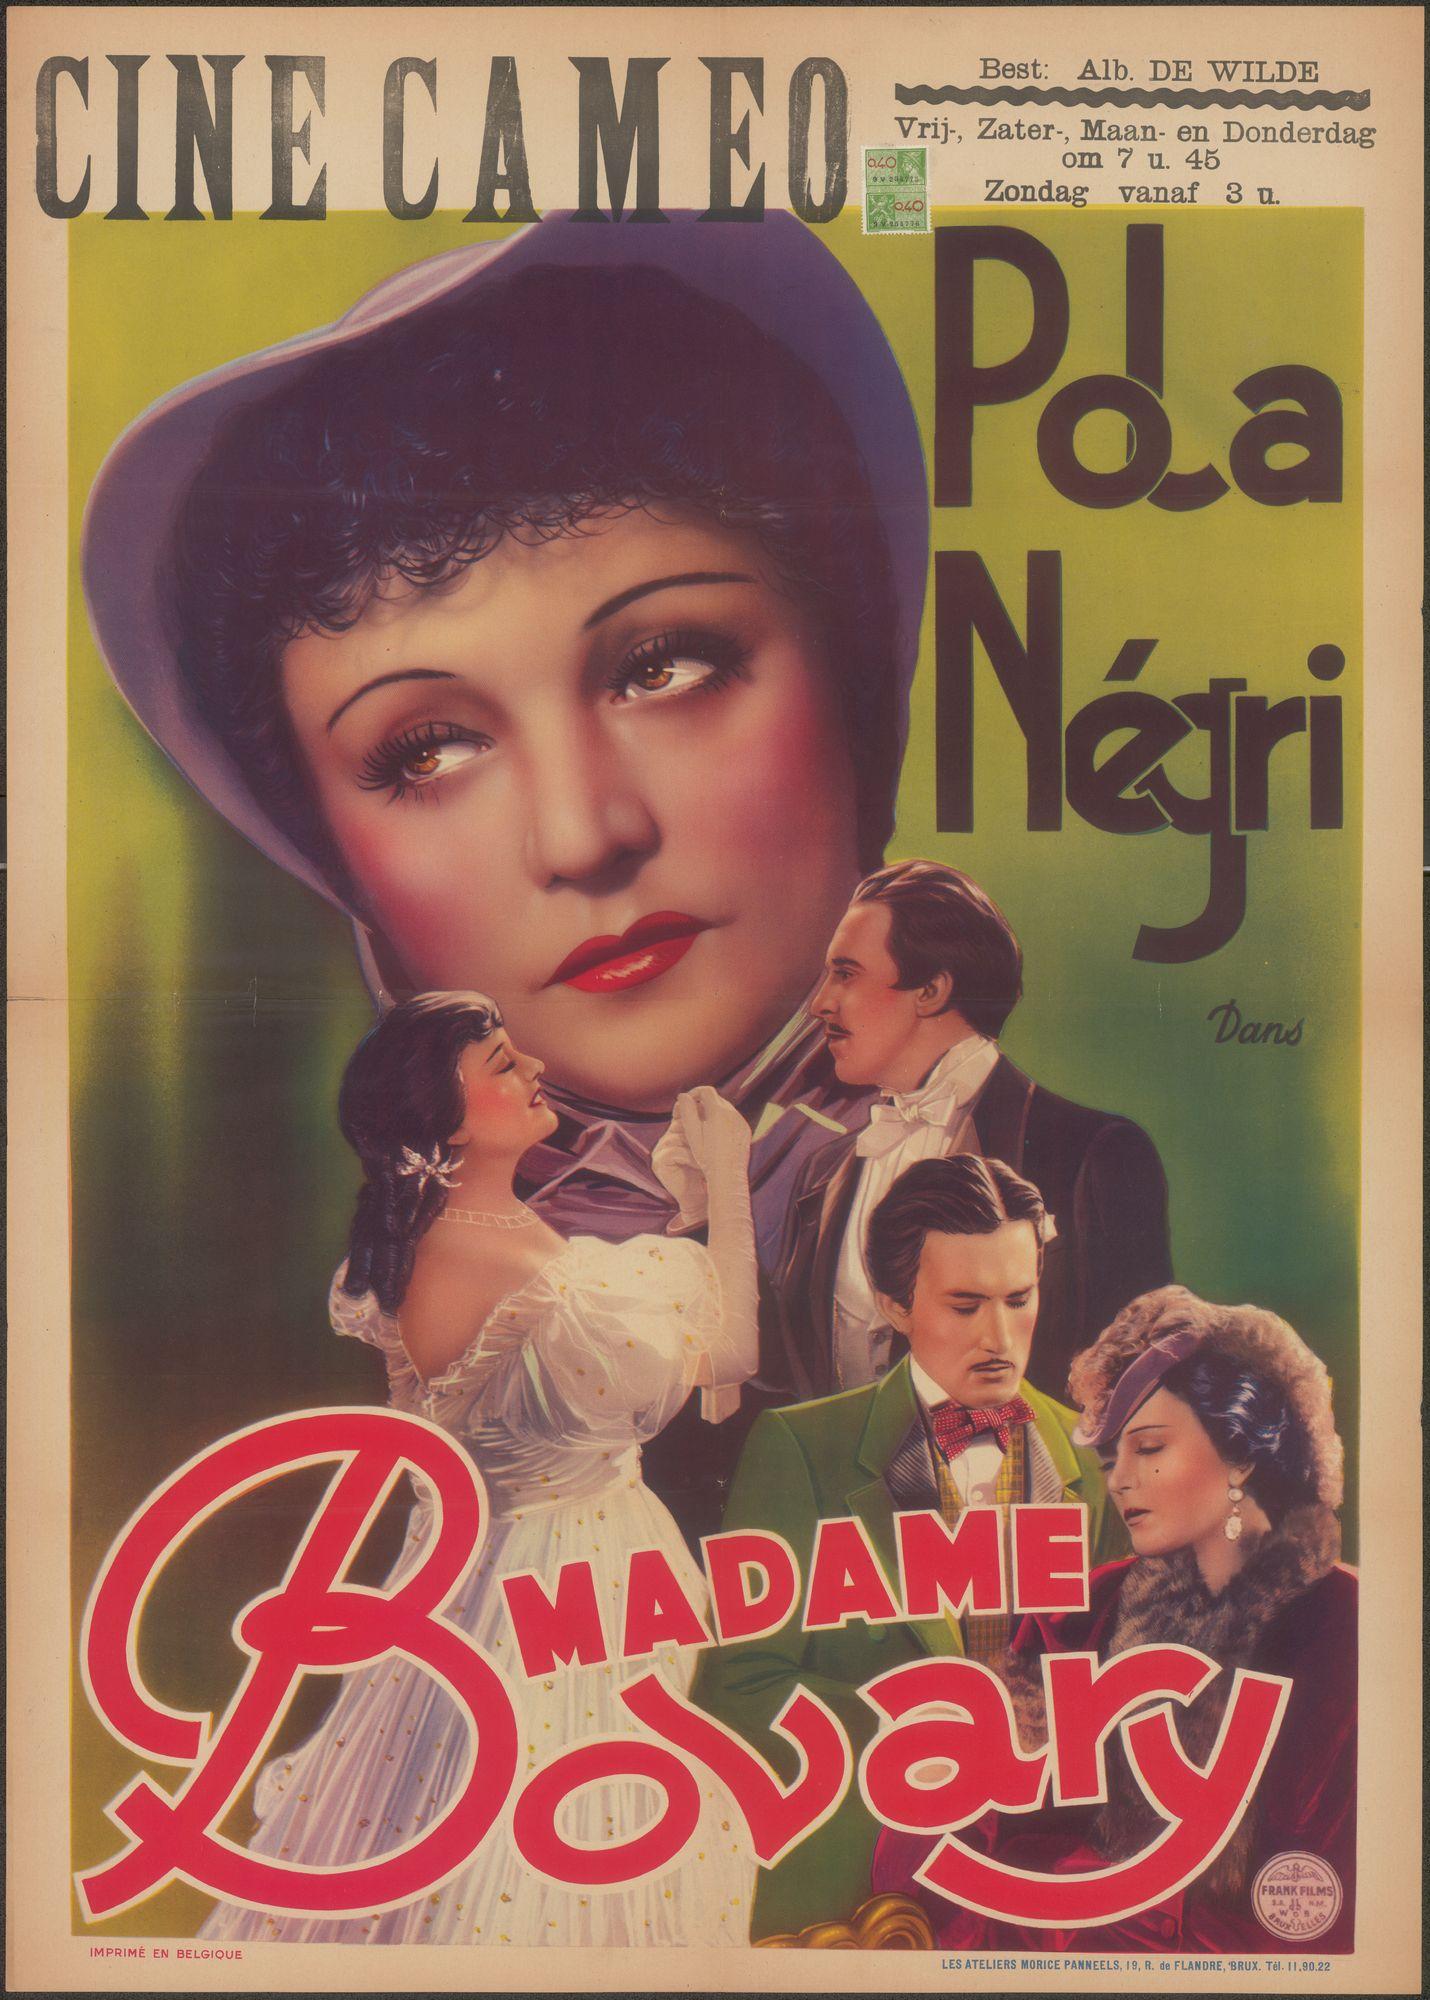 Madame Bovary, Cine Cameo, Gent, 1940